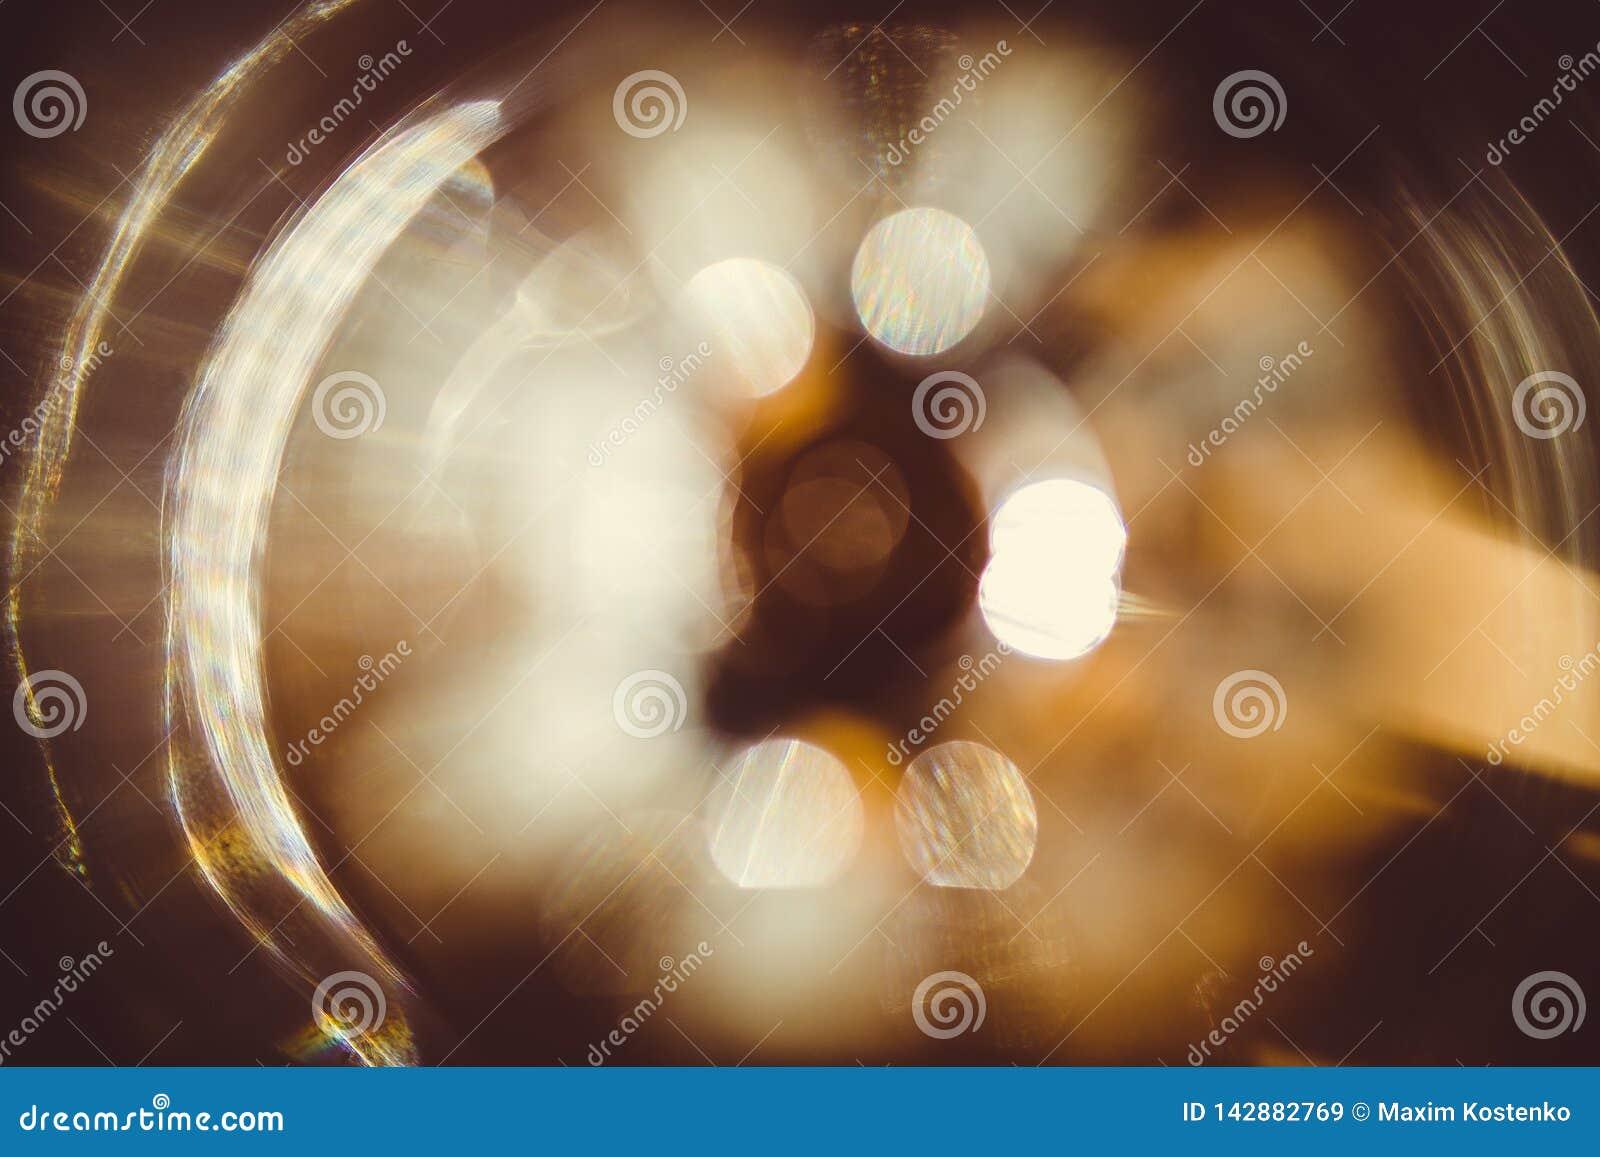 Effetto della luce reale del chiarore della lente su fondo scuro Luce solare rifranta in vetro Pu